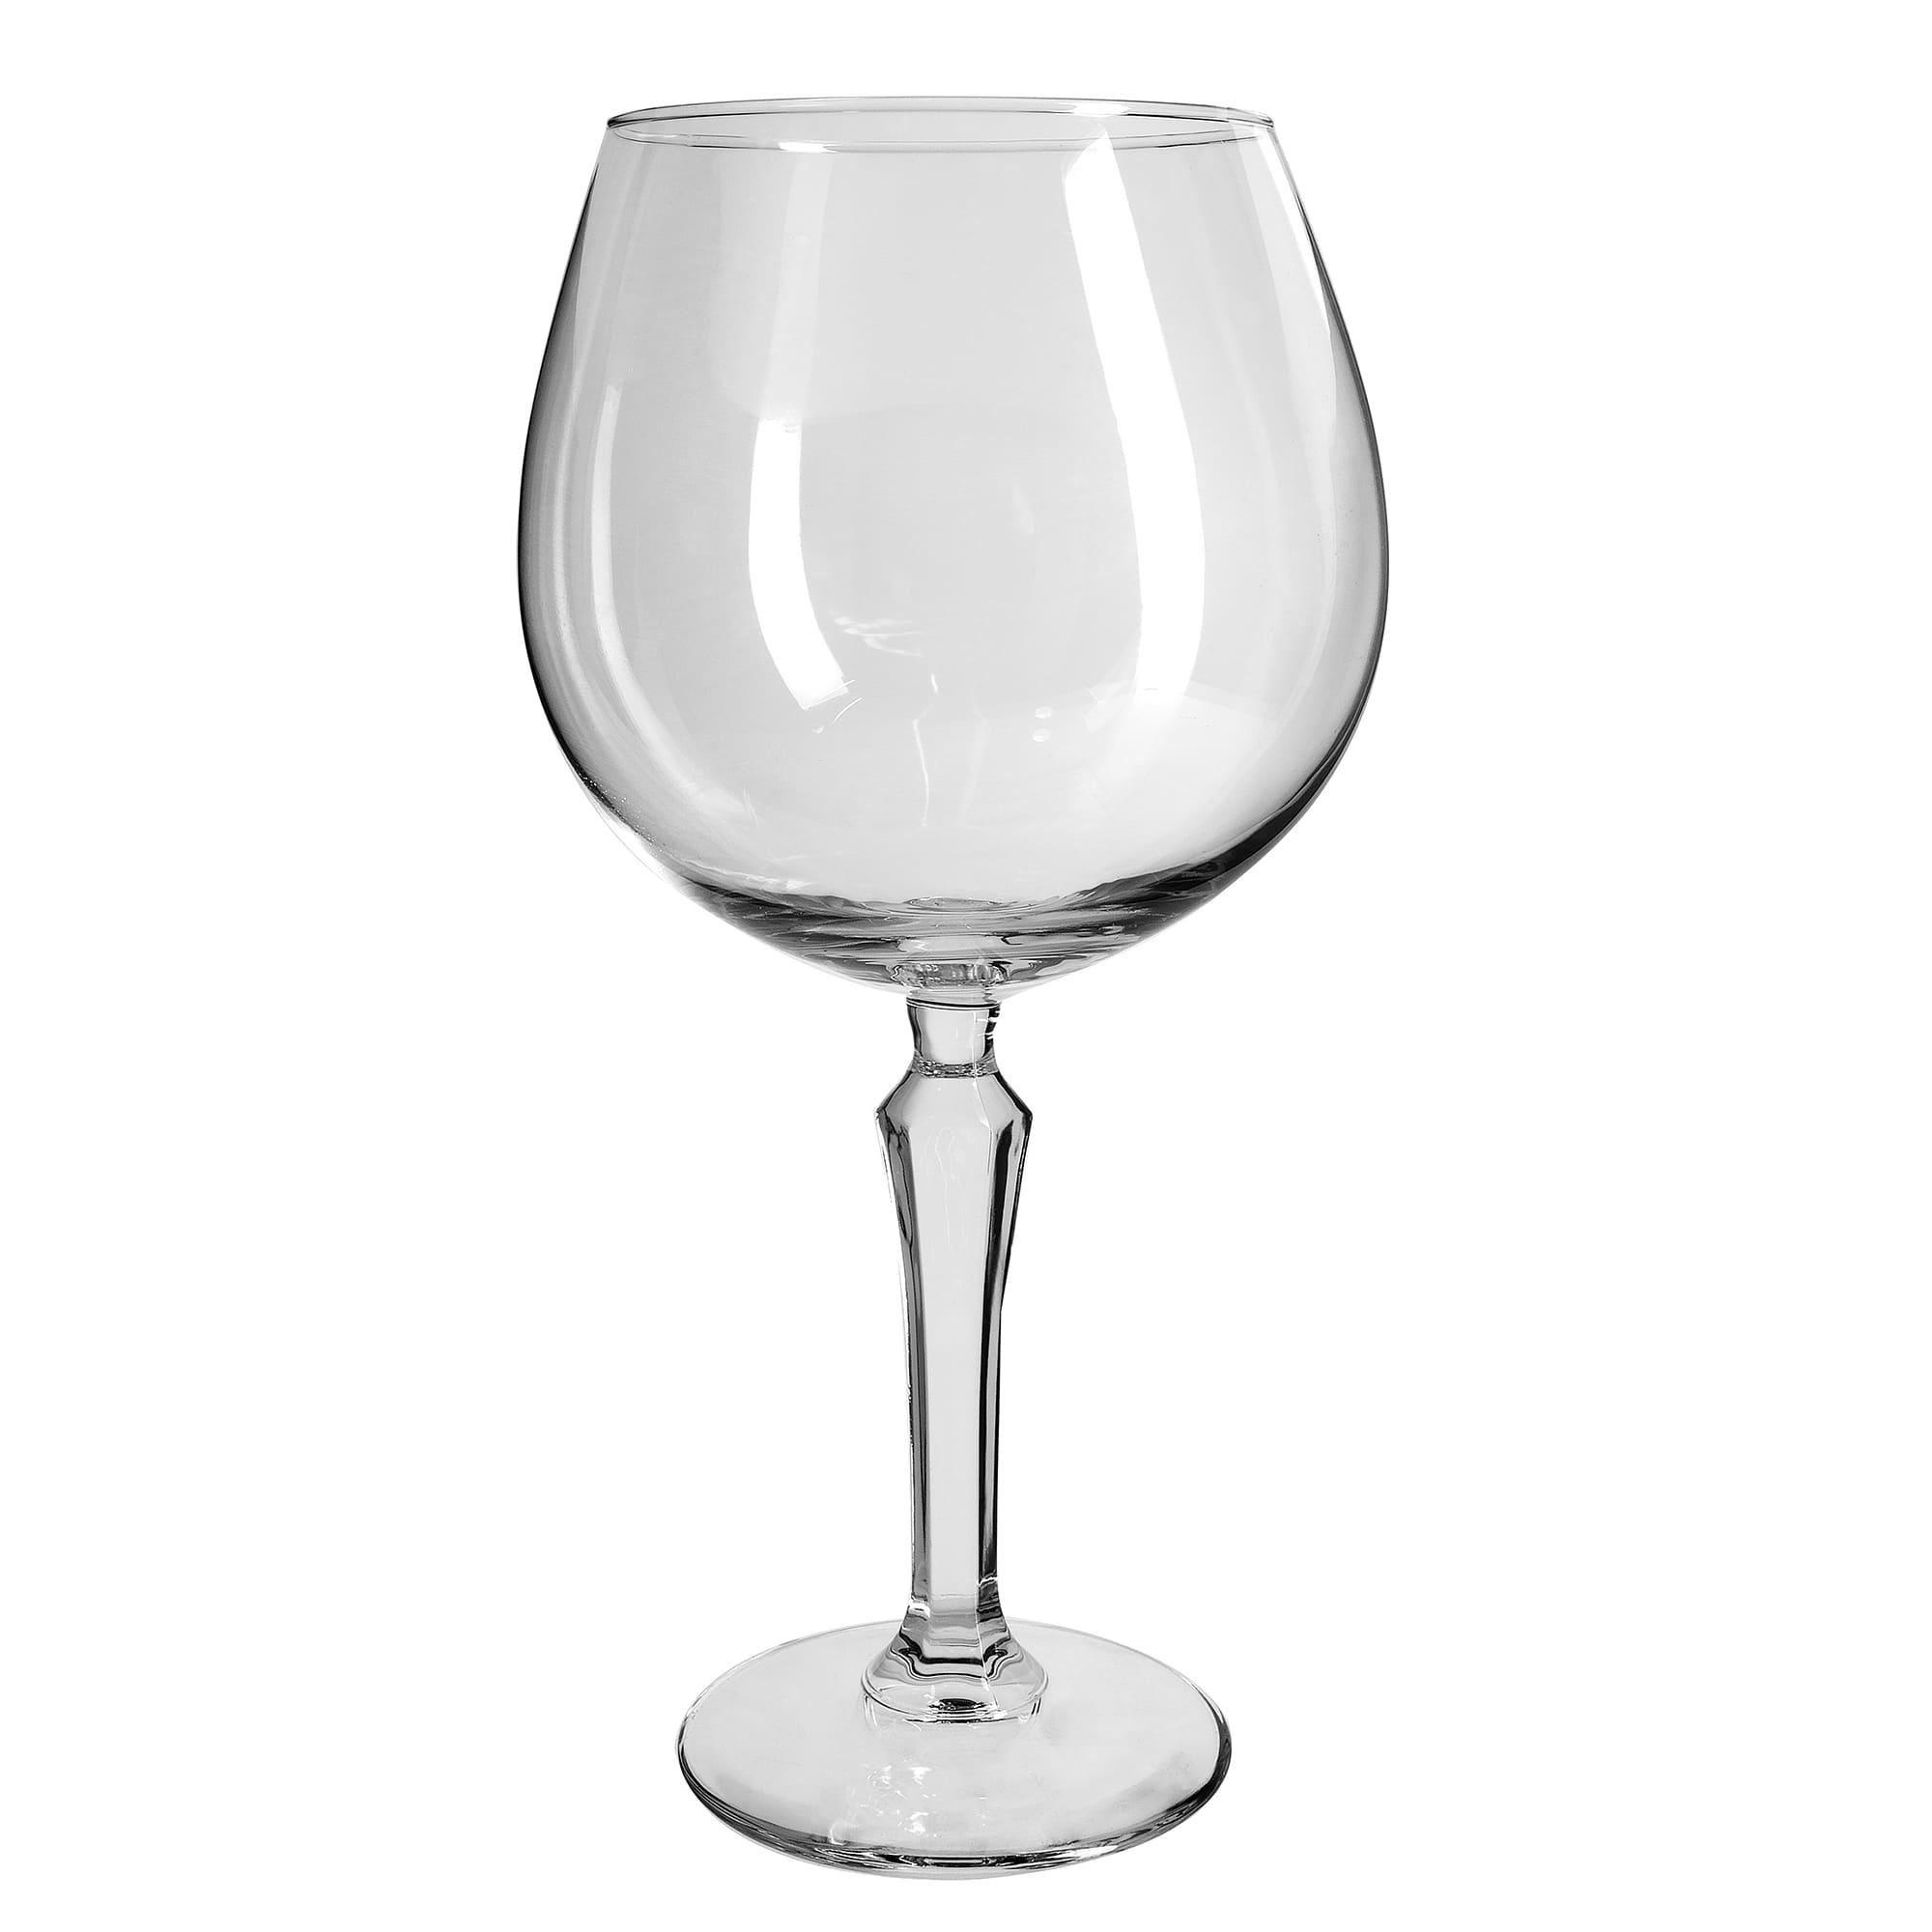 Libbey 602104 19.5 oz Gin & Tonic Glass, Speakeasy